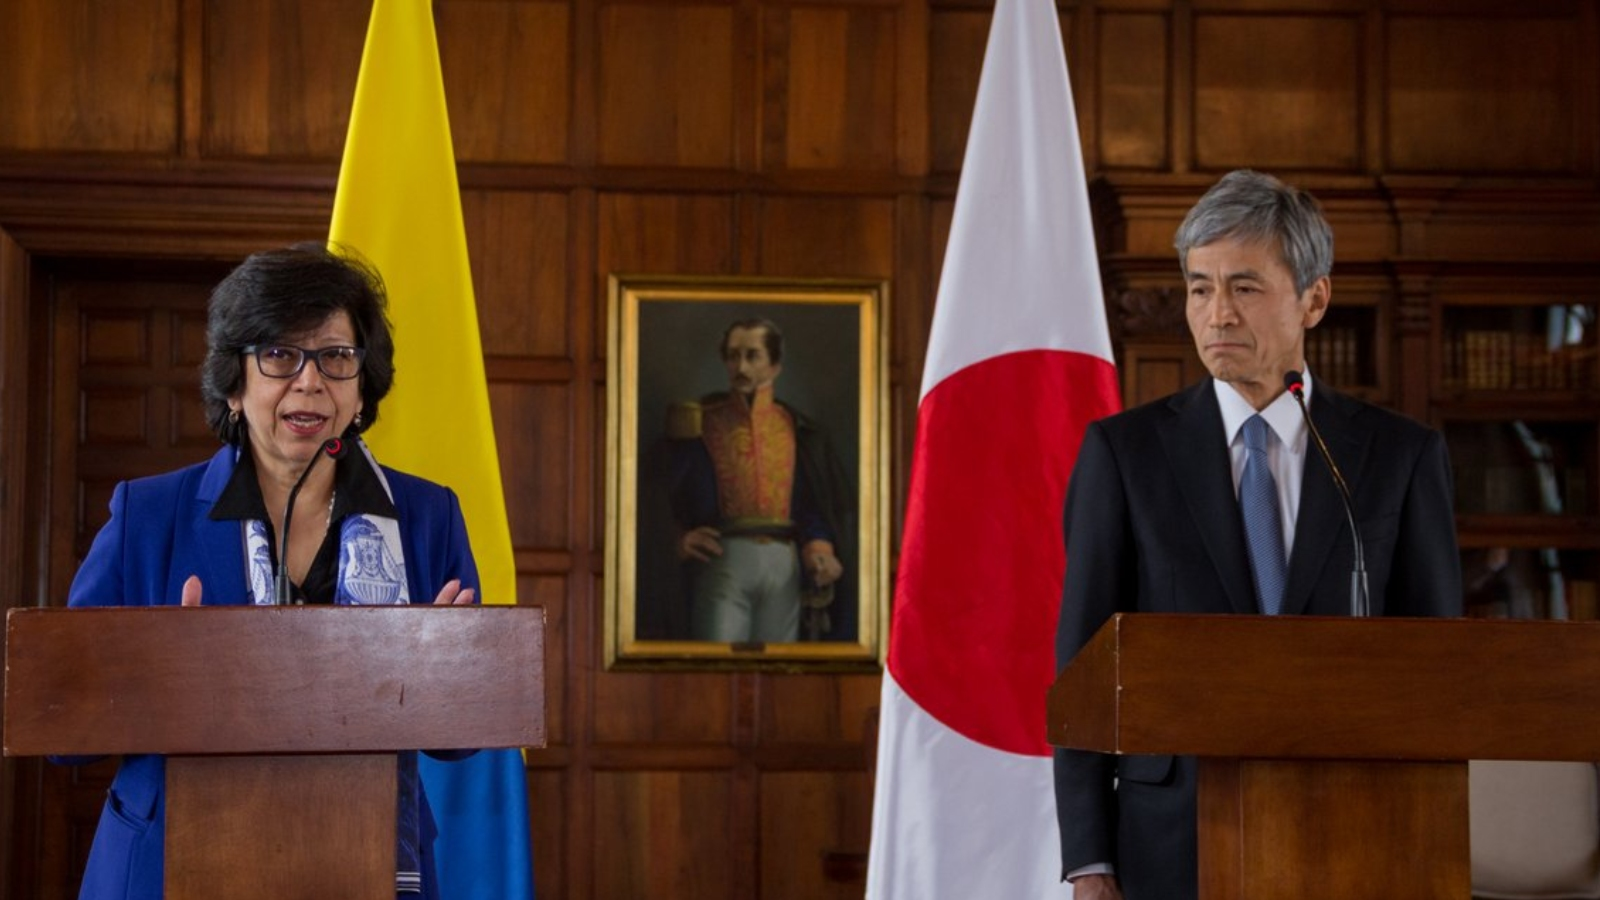 Gobierno del Japón donará 4,5 millones de dólares para crisis migratoria